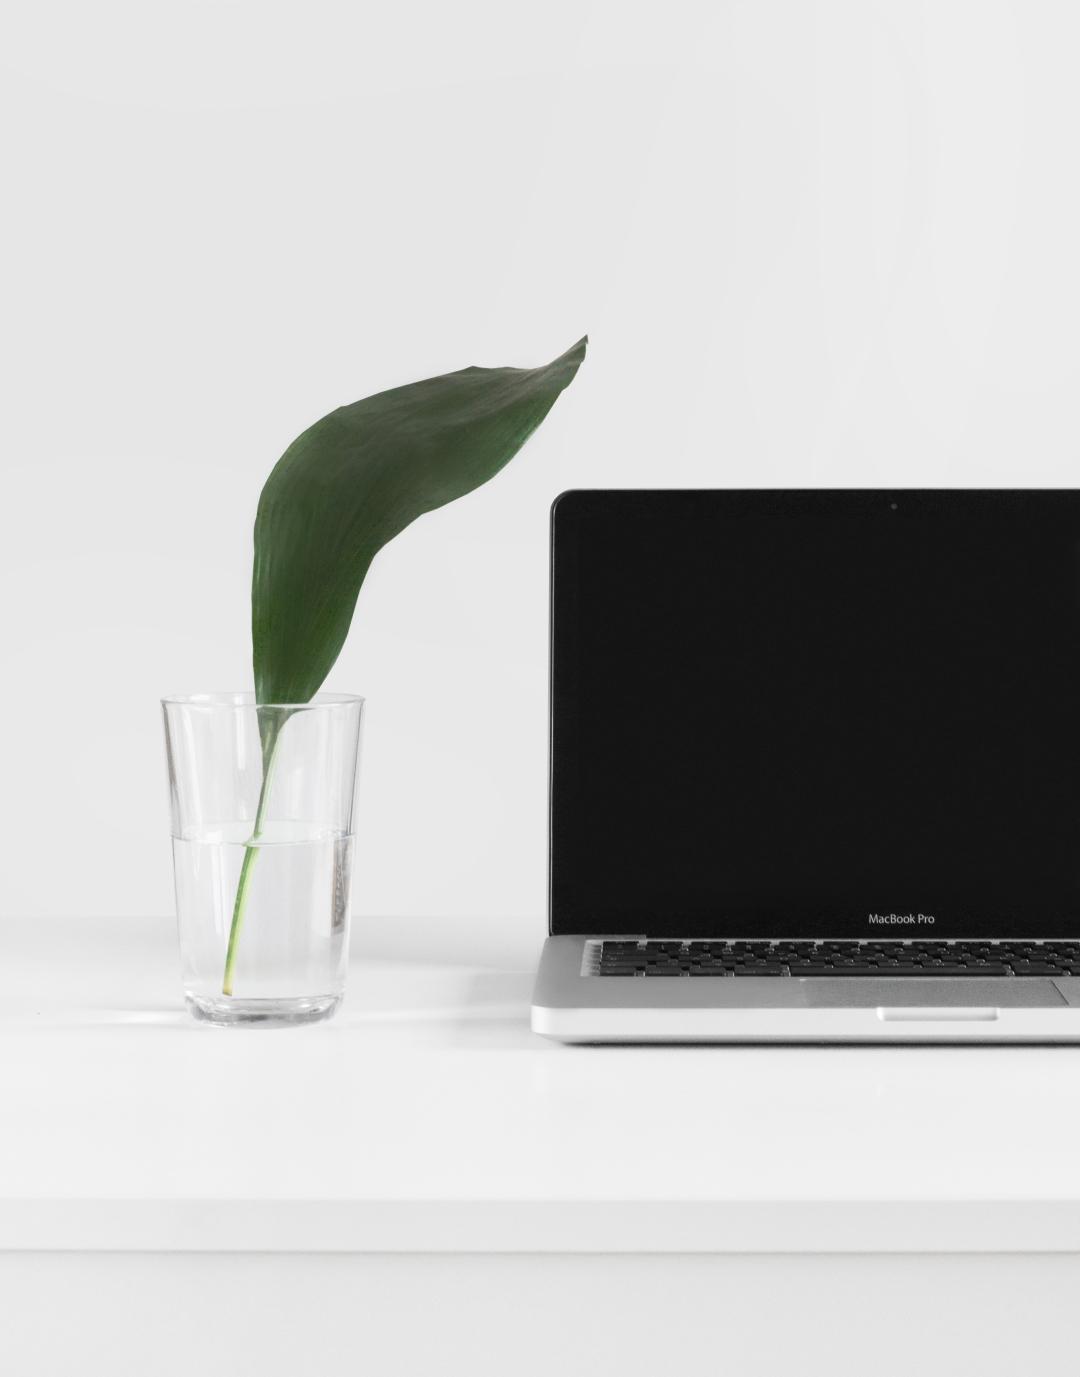 leaf-laptop-meleti-biwsimotitas-skopimotitas